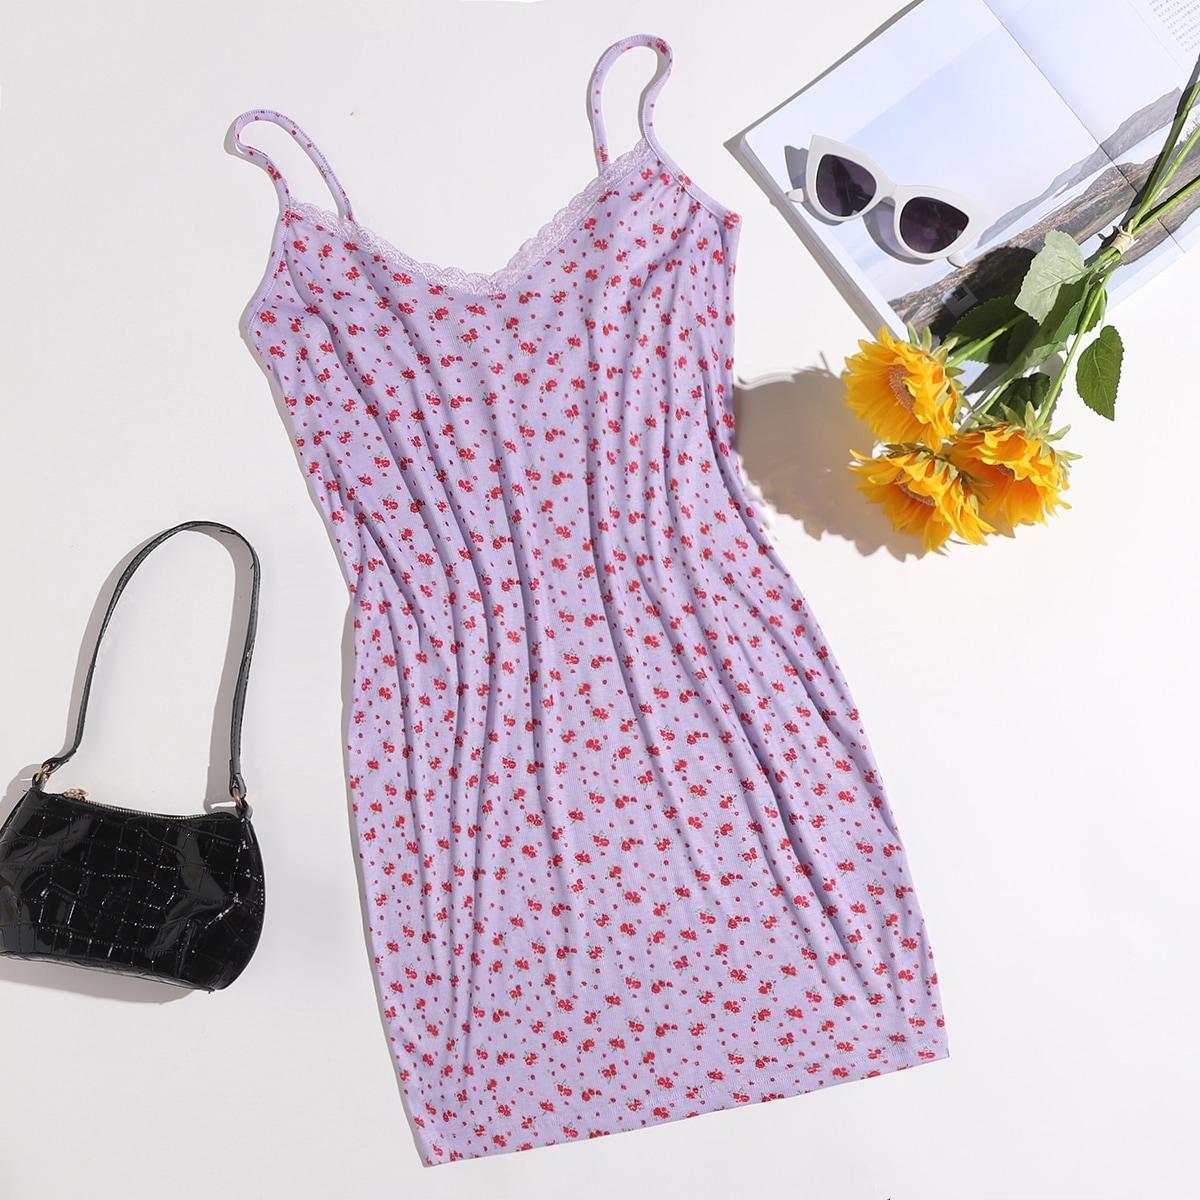 Облегающее платье размера плюс с кружевной отделкой и цветочным принтом